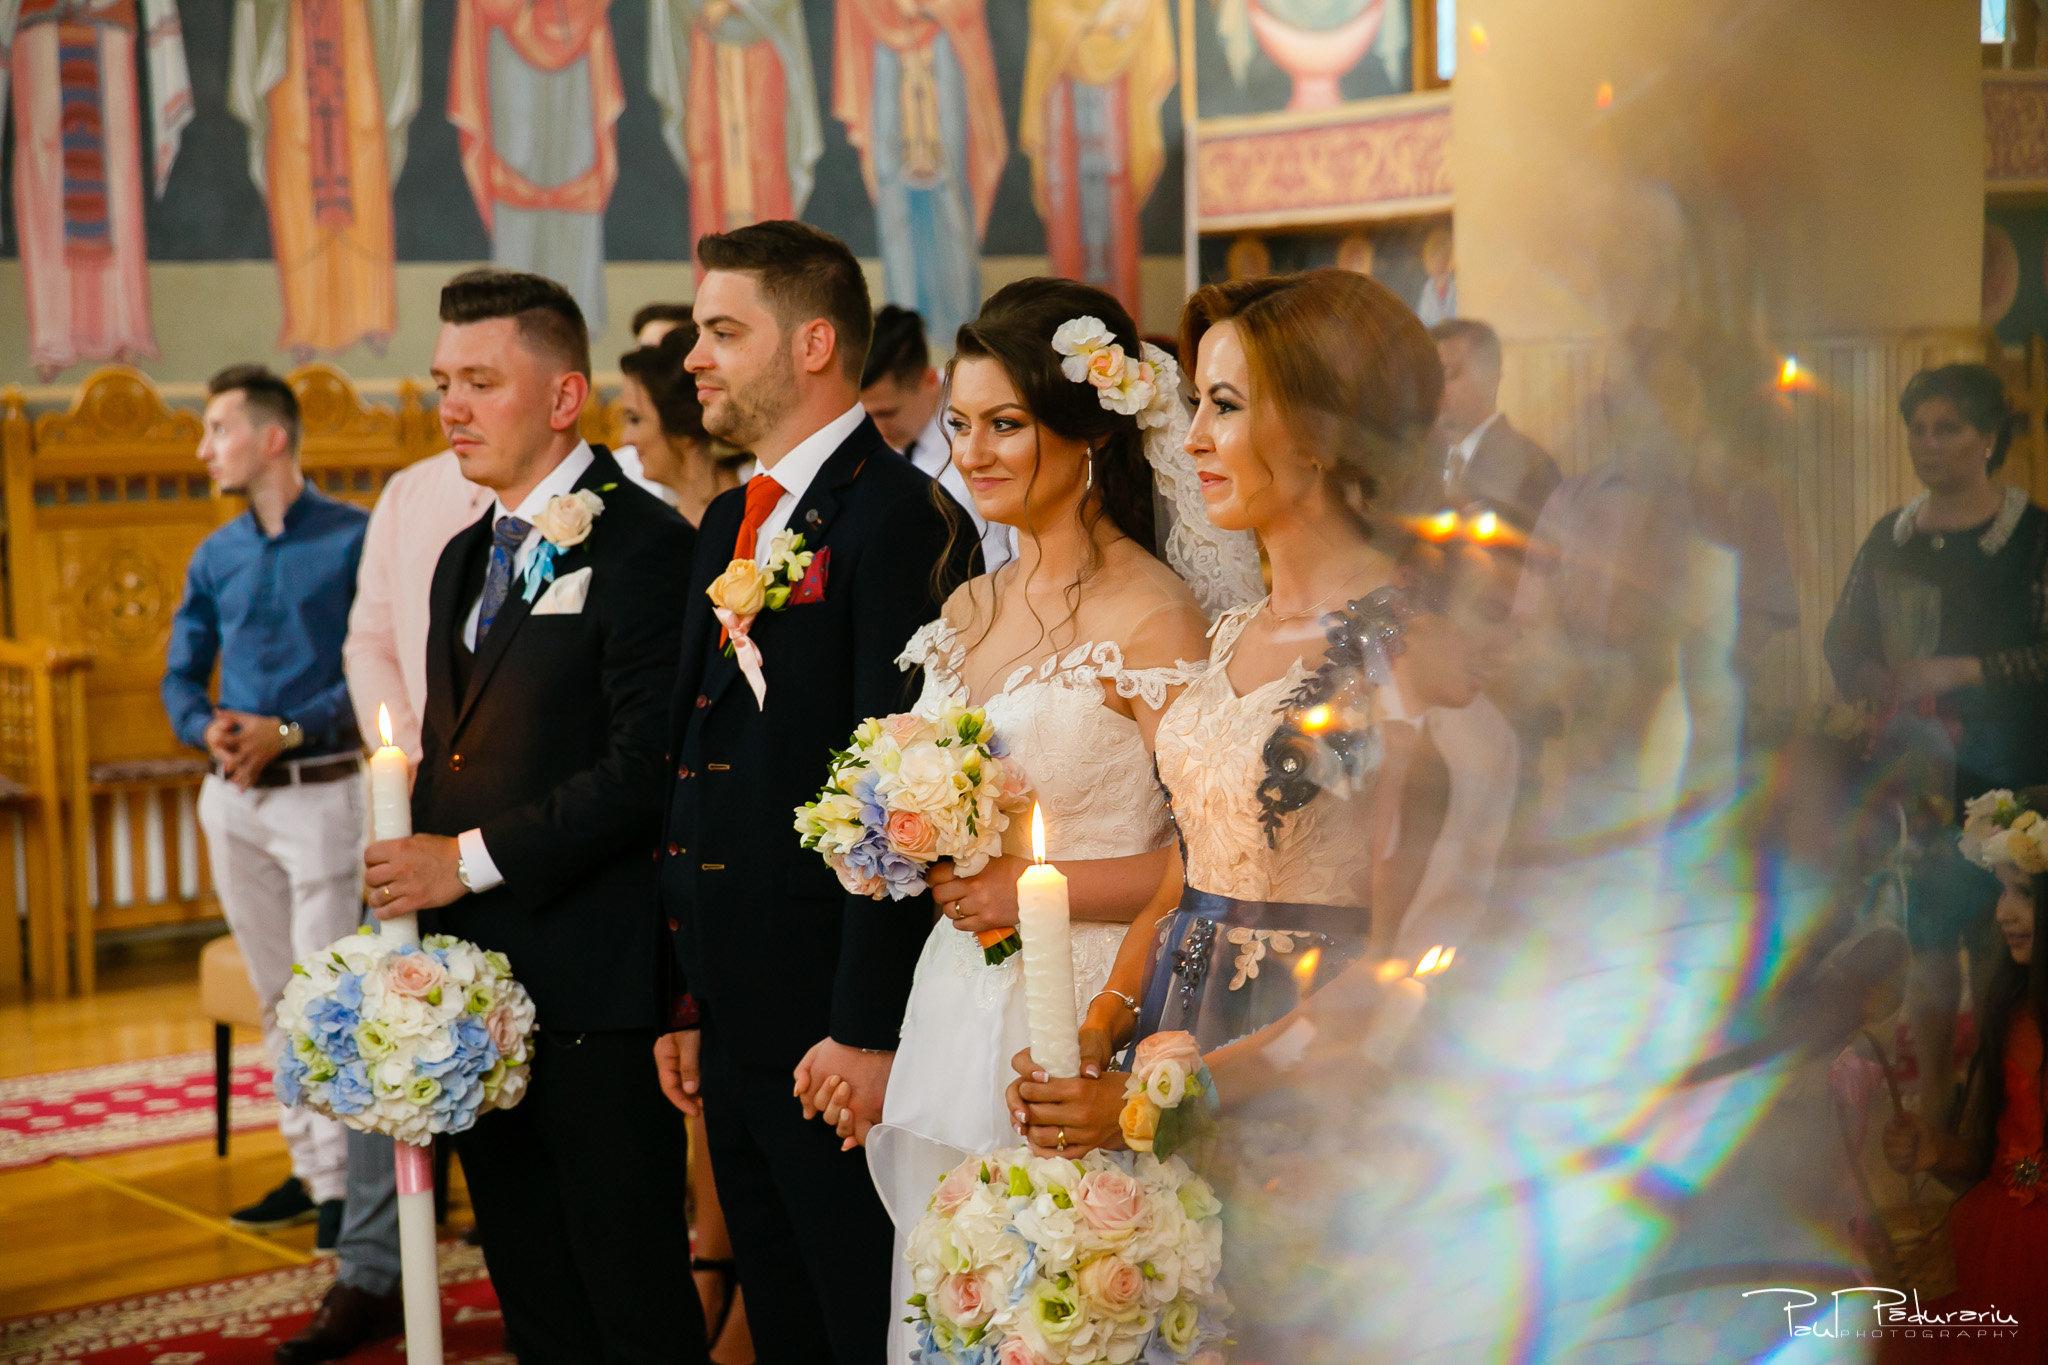 Adriana si Iulian cununie religioasa - fotograf profesionist Iasi www.paulpadurariu.ro © 2017 Paul Padurariu